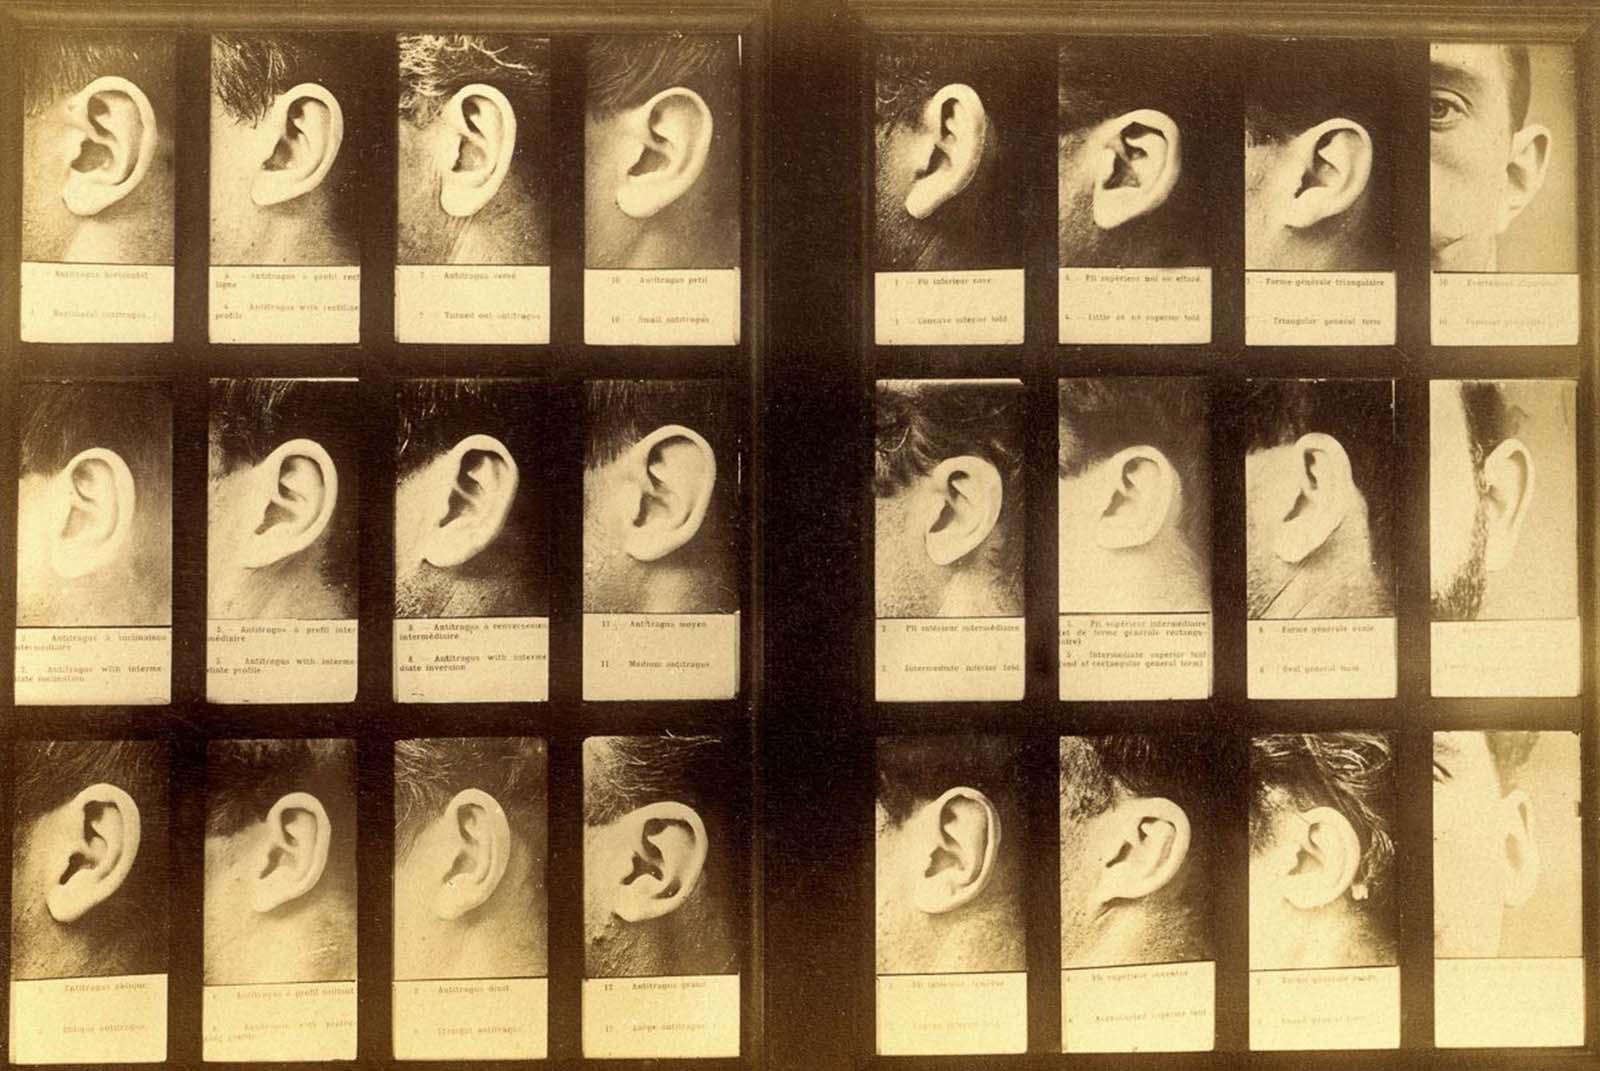 Le système Bertillon qui a catalogué les criminels par leurs mesures physiques, 1894